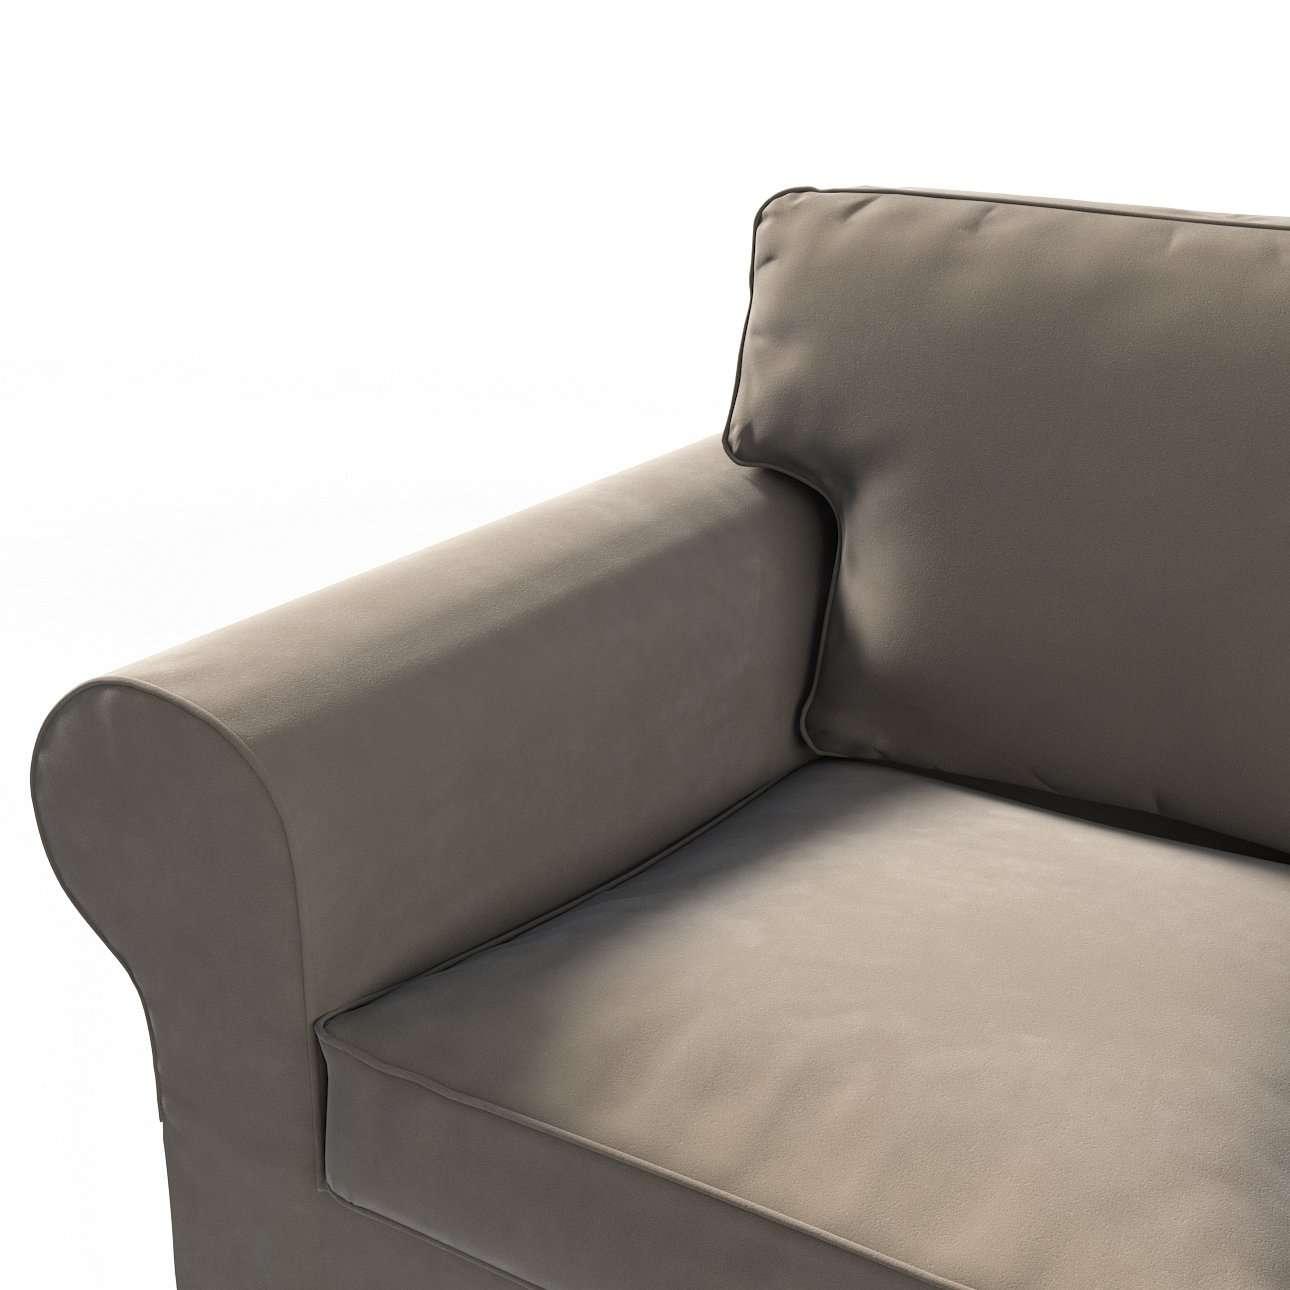 Pokrowiec na sofę Ektorp 2-osobową rozkładaną, model po 2012 w kolekcji Velvet, tkanina: 704-19